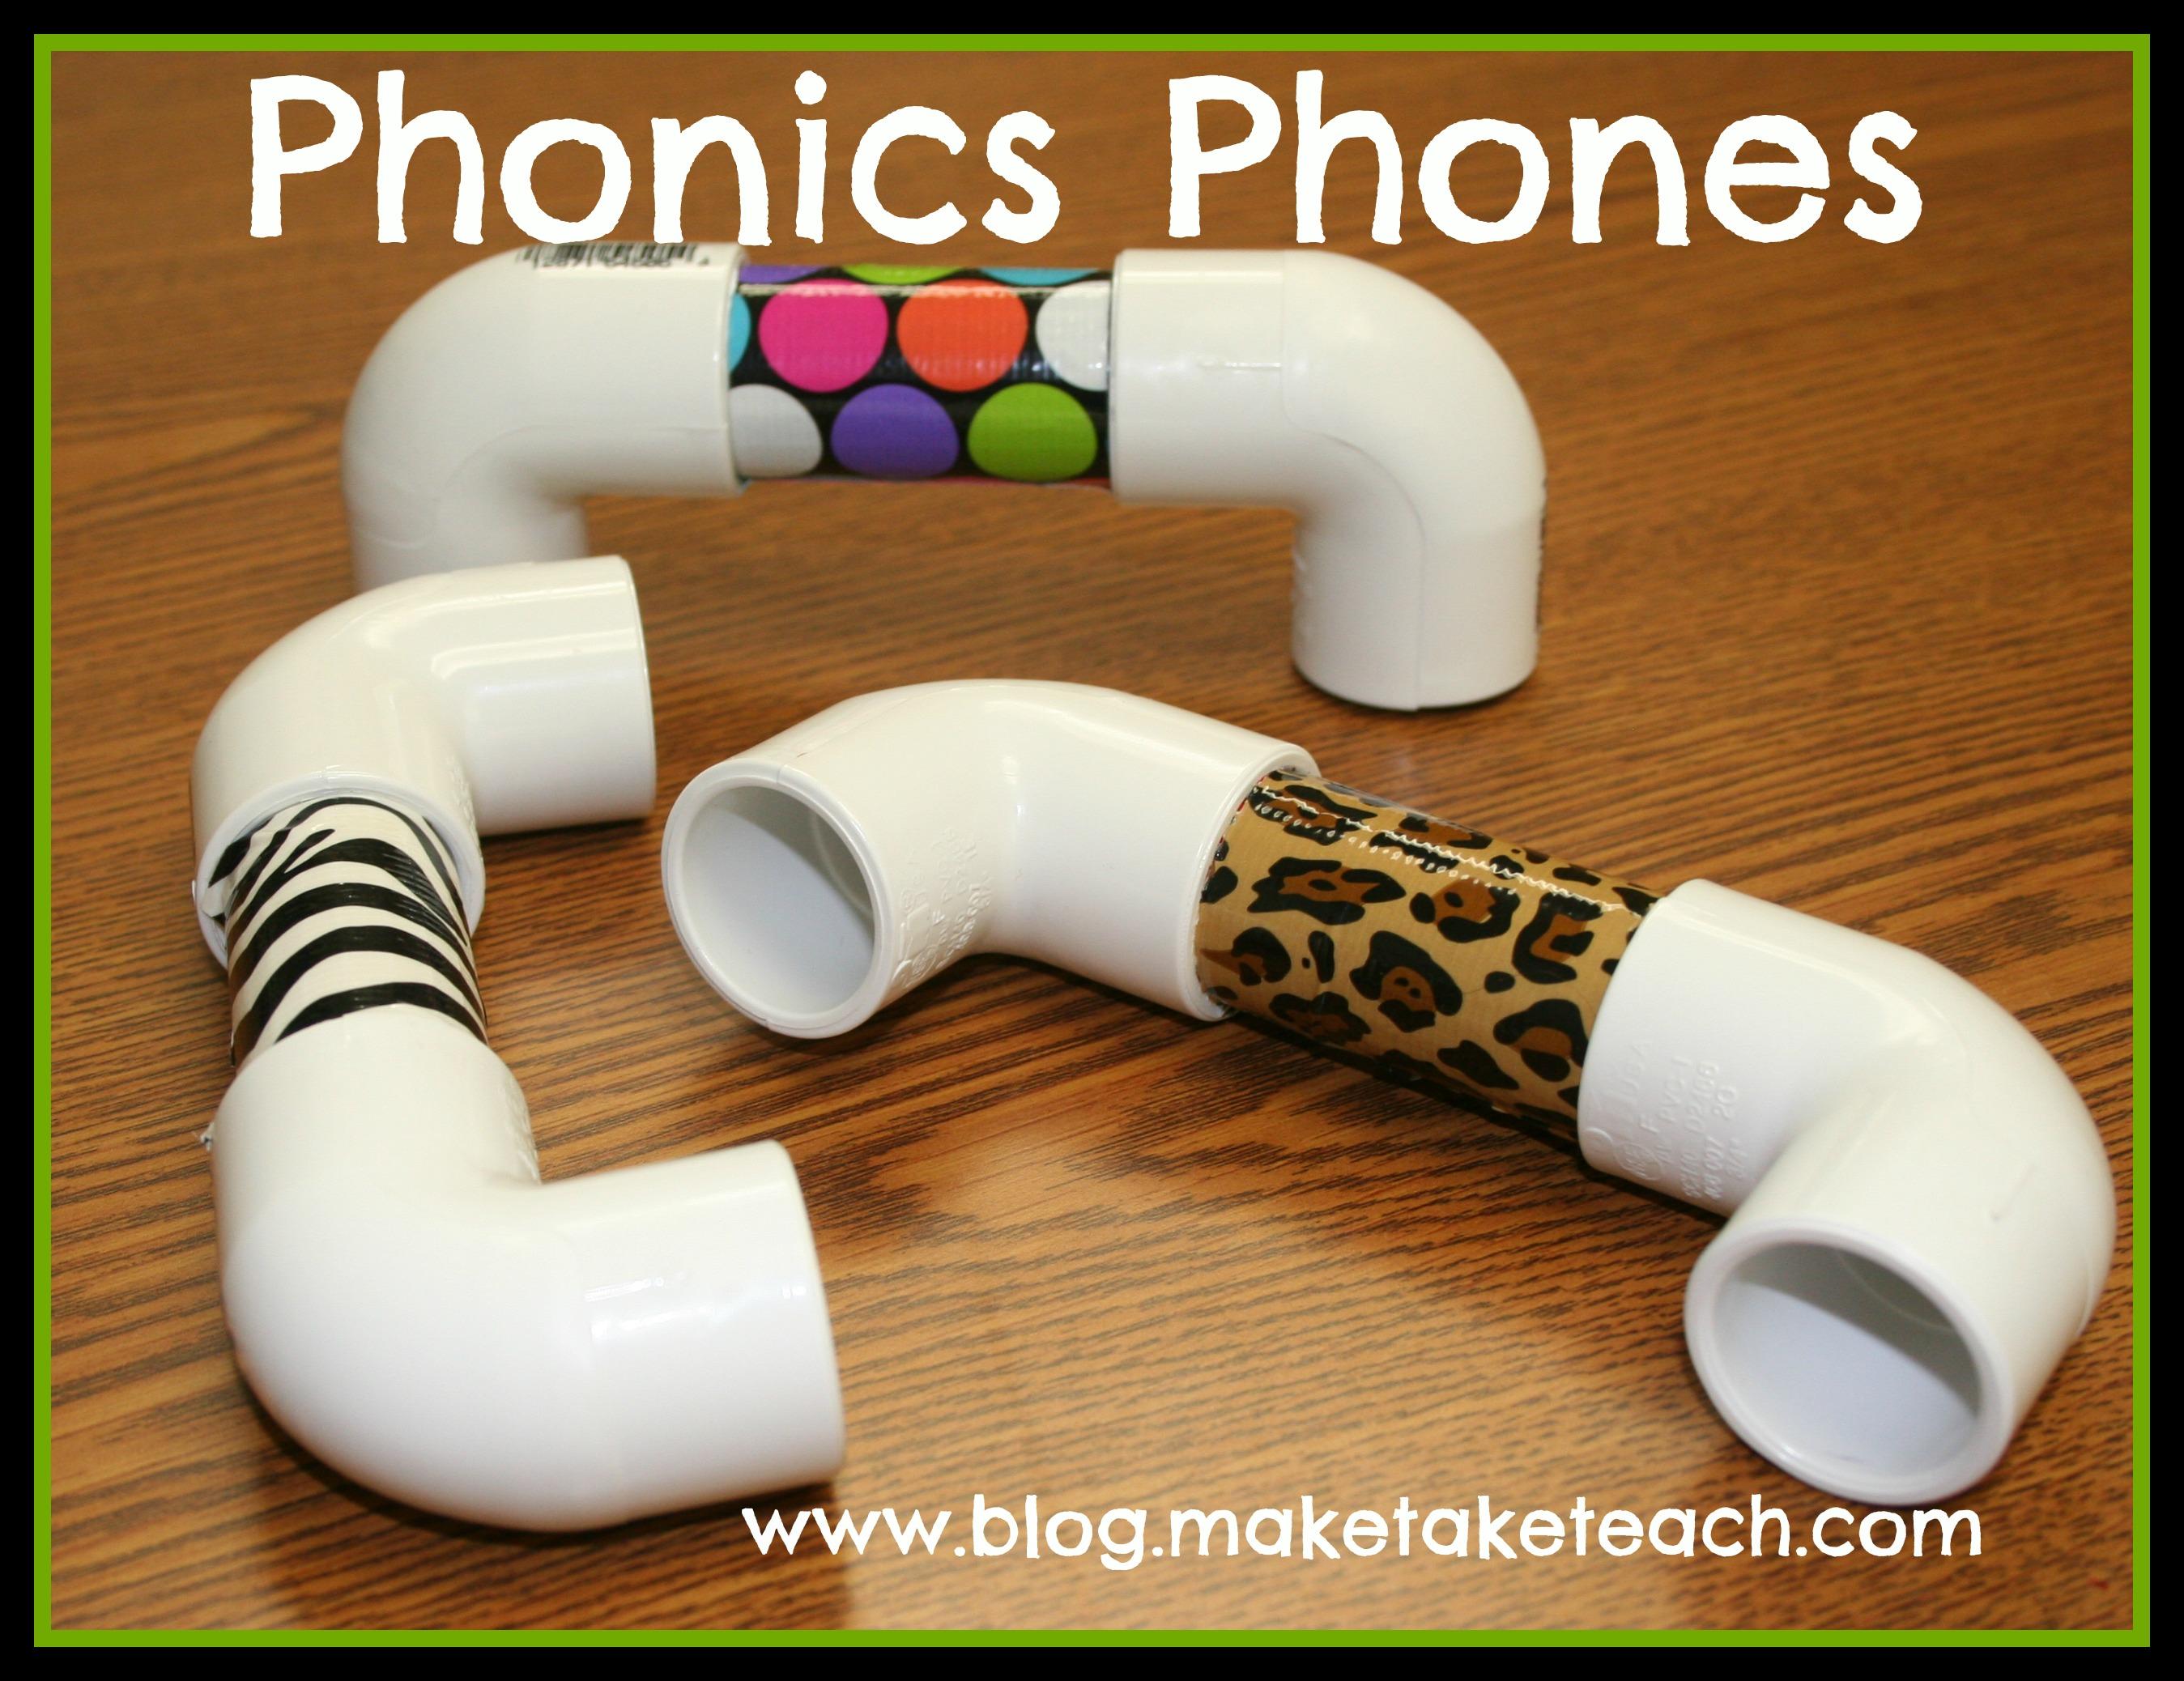 Phonicsphonesblog